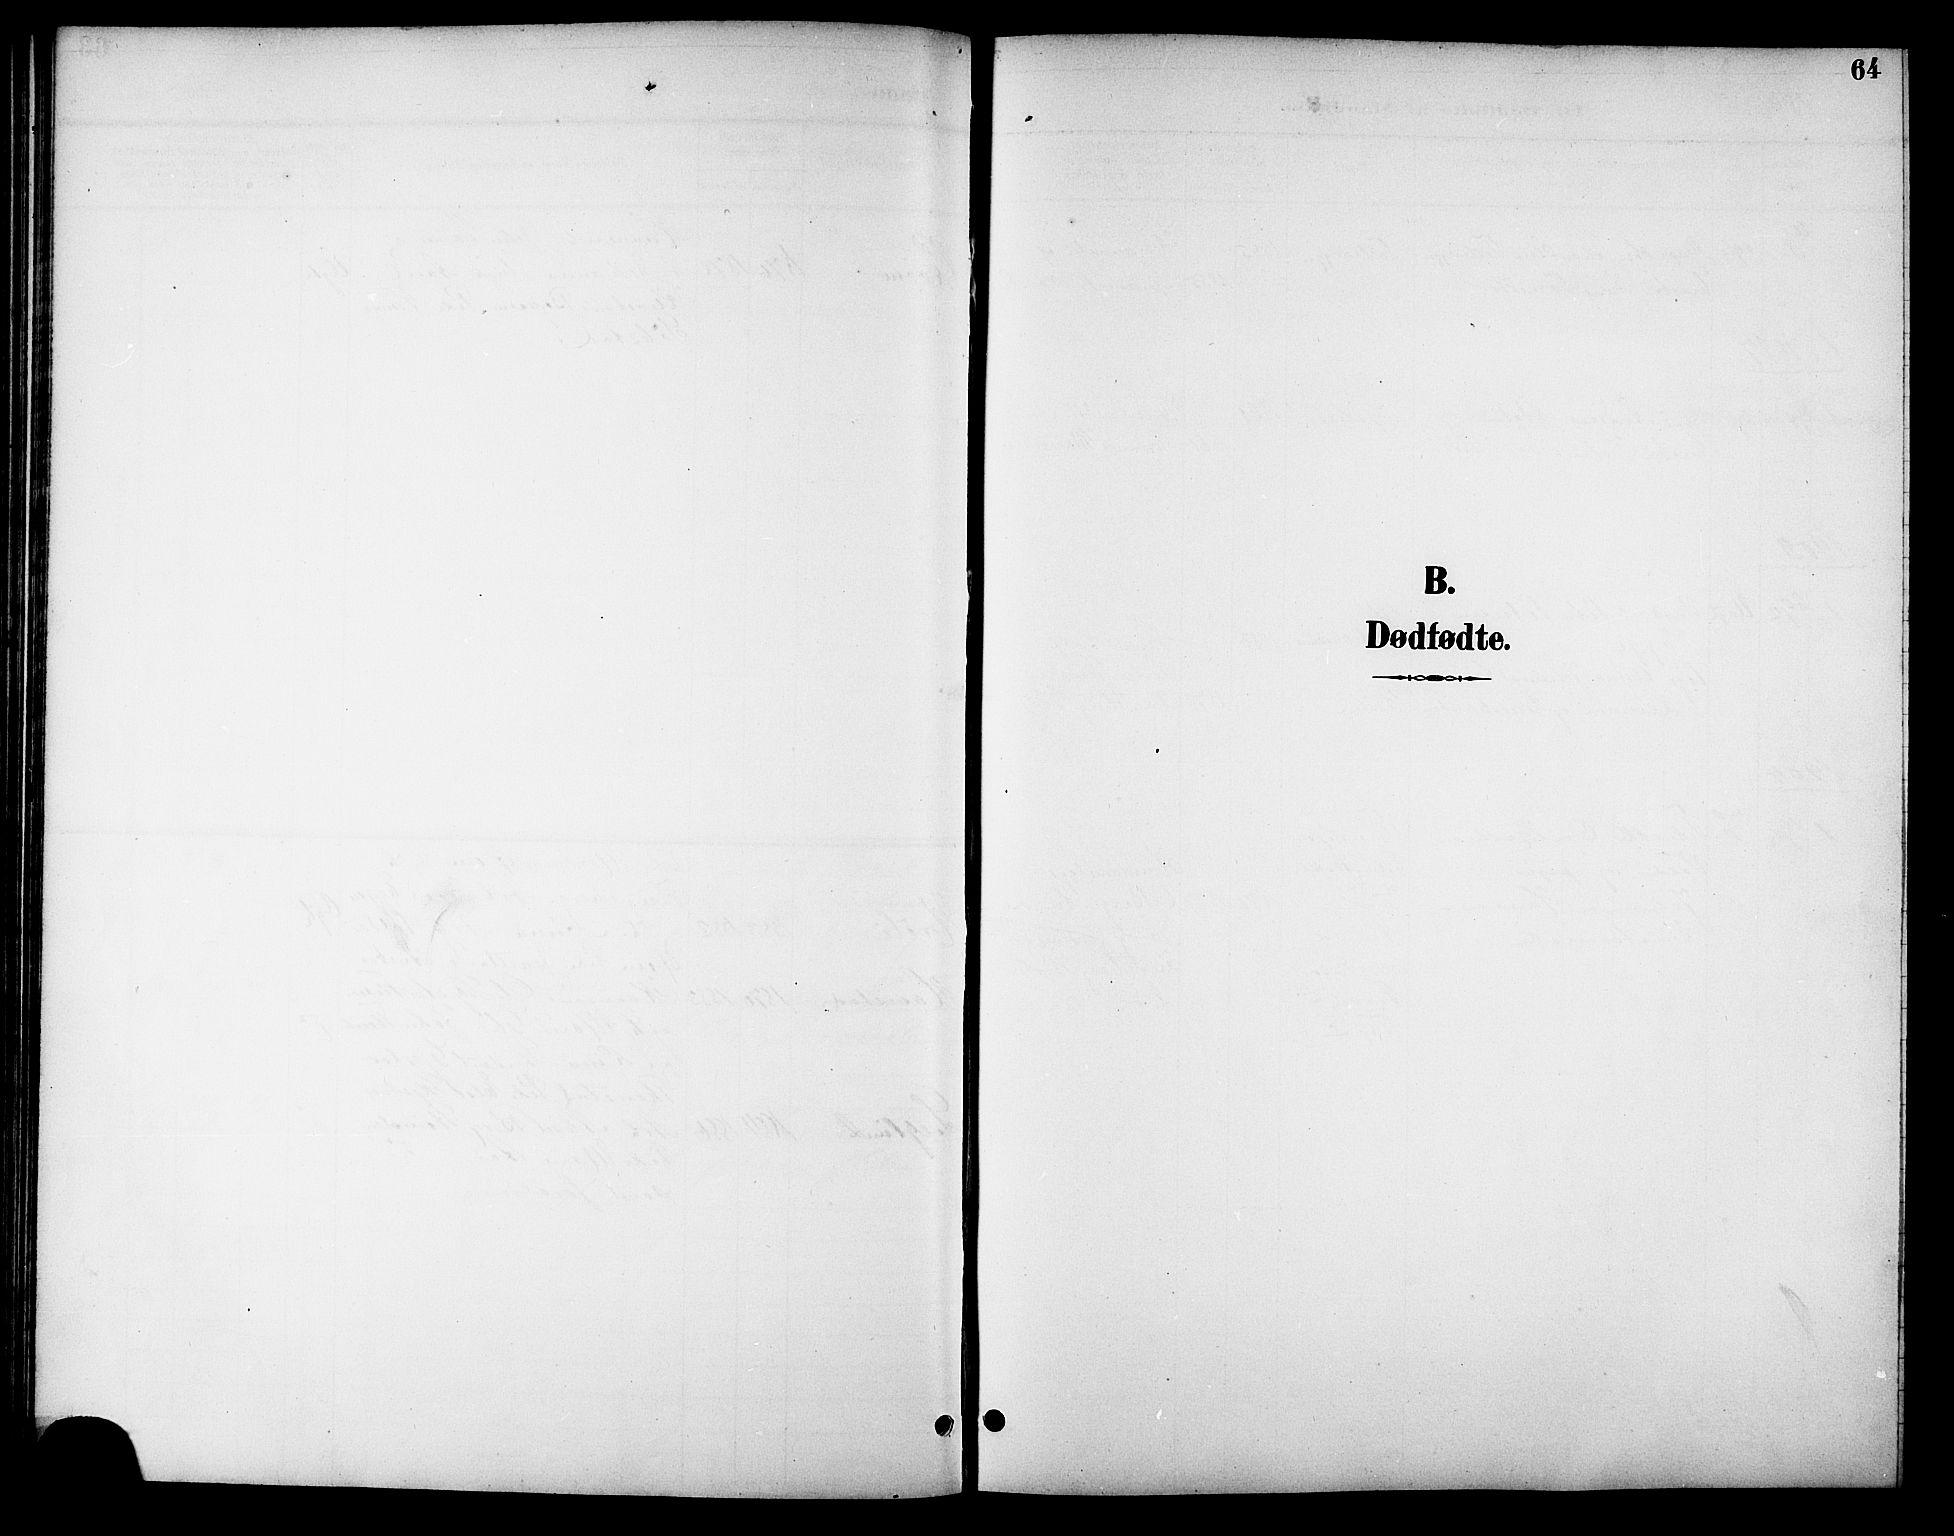 SAT, Ministerialprotokoller, klokkerbøker og fødselsregistre - Sør-Trøndelag, 621/L0460: Klokkerbok nr. 621C03, 1896-1914, s. 64